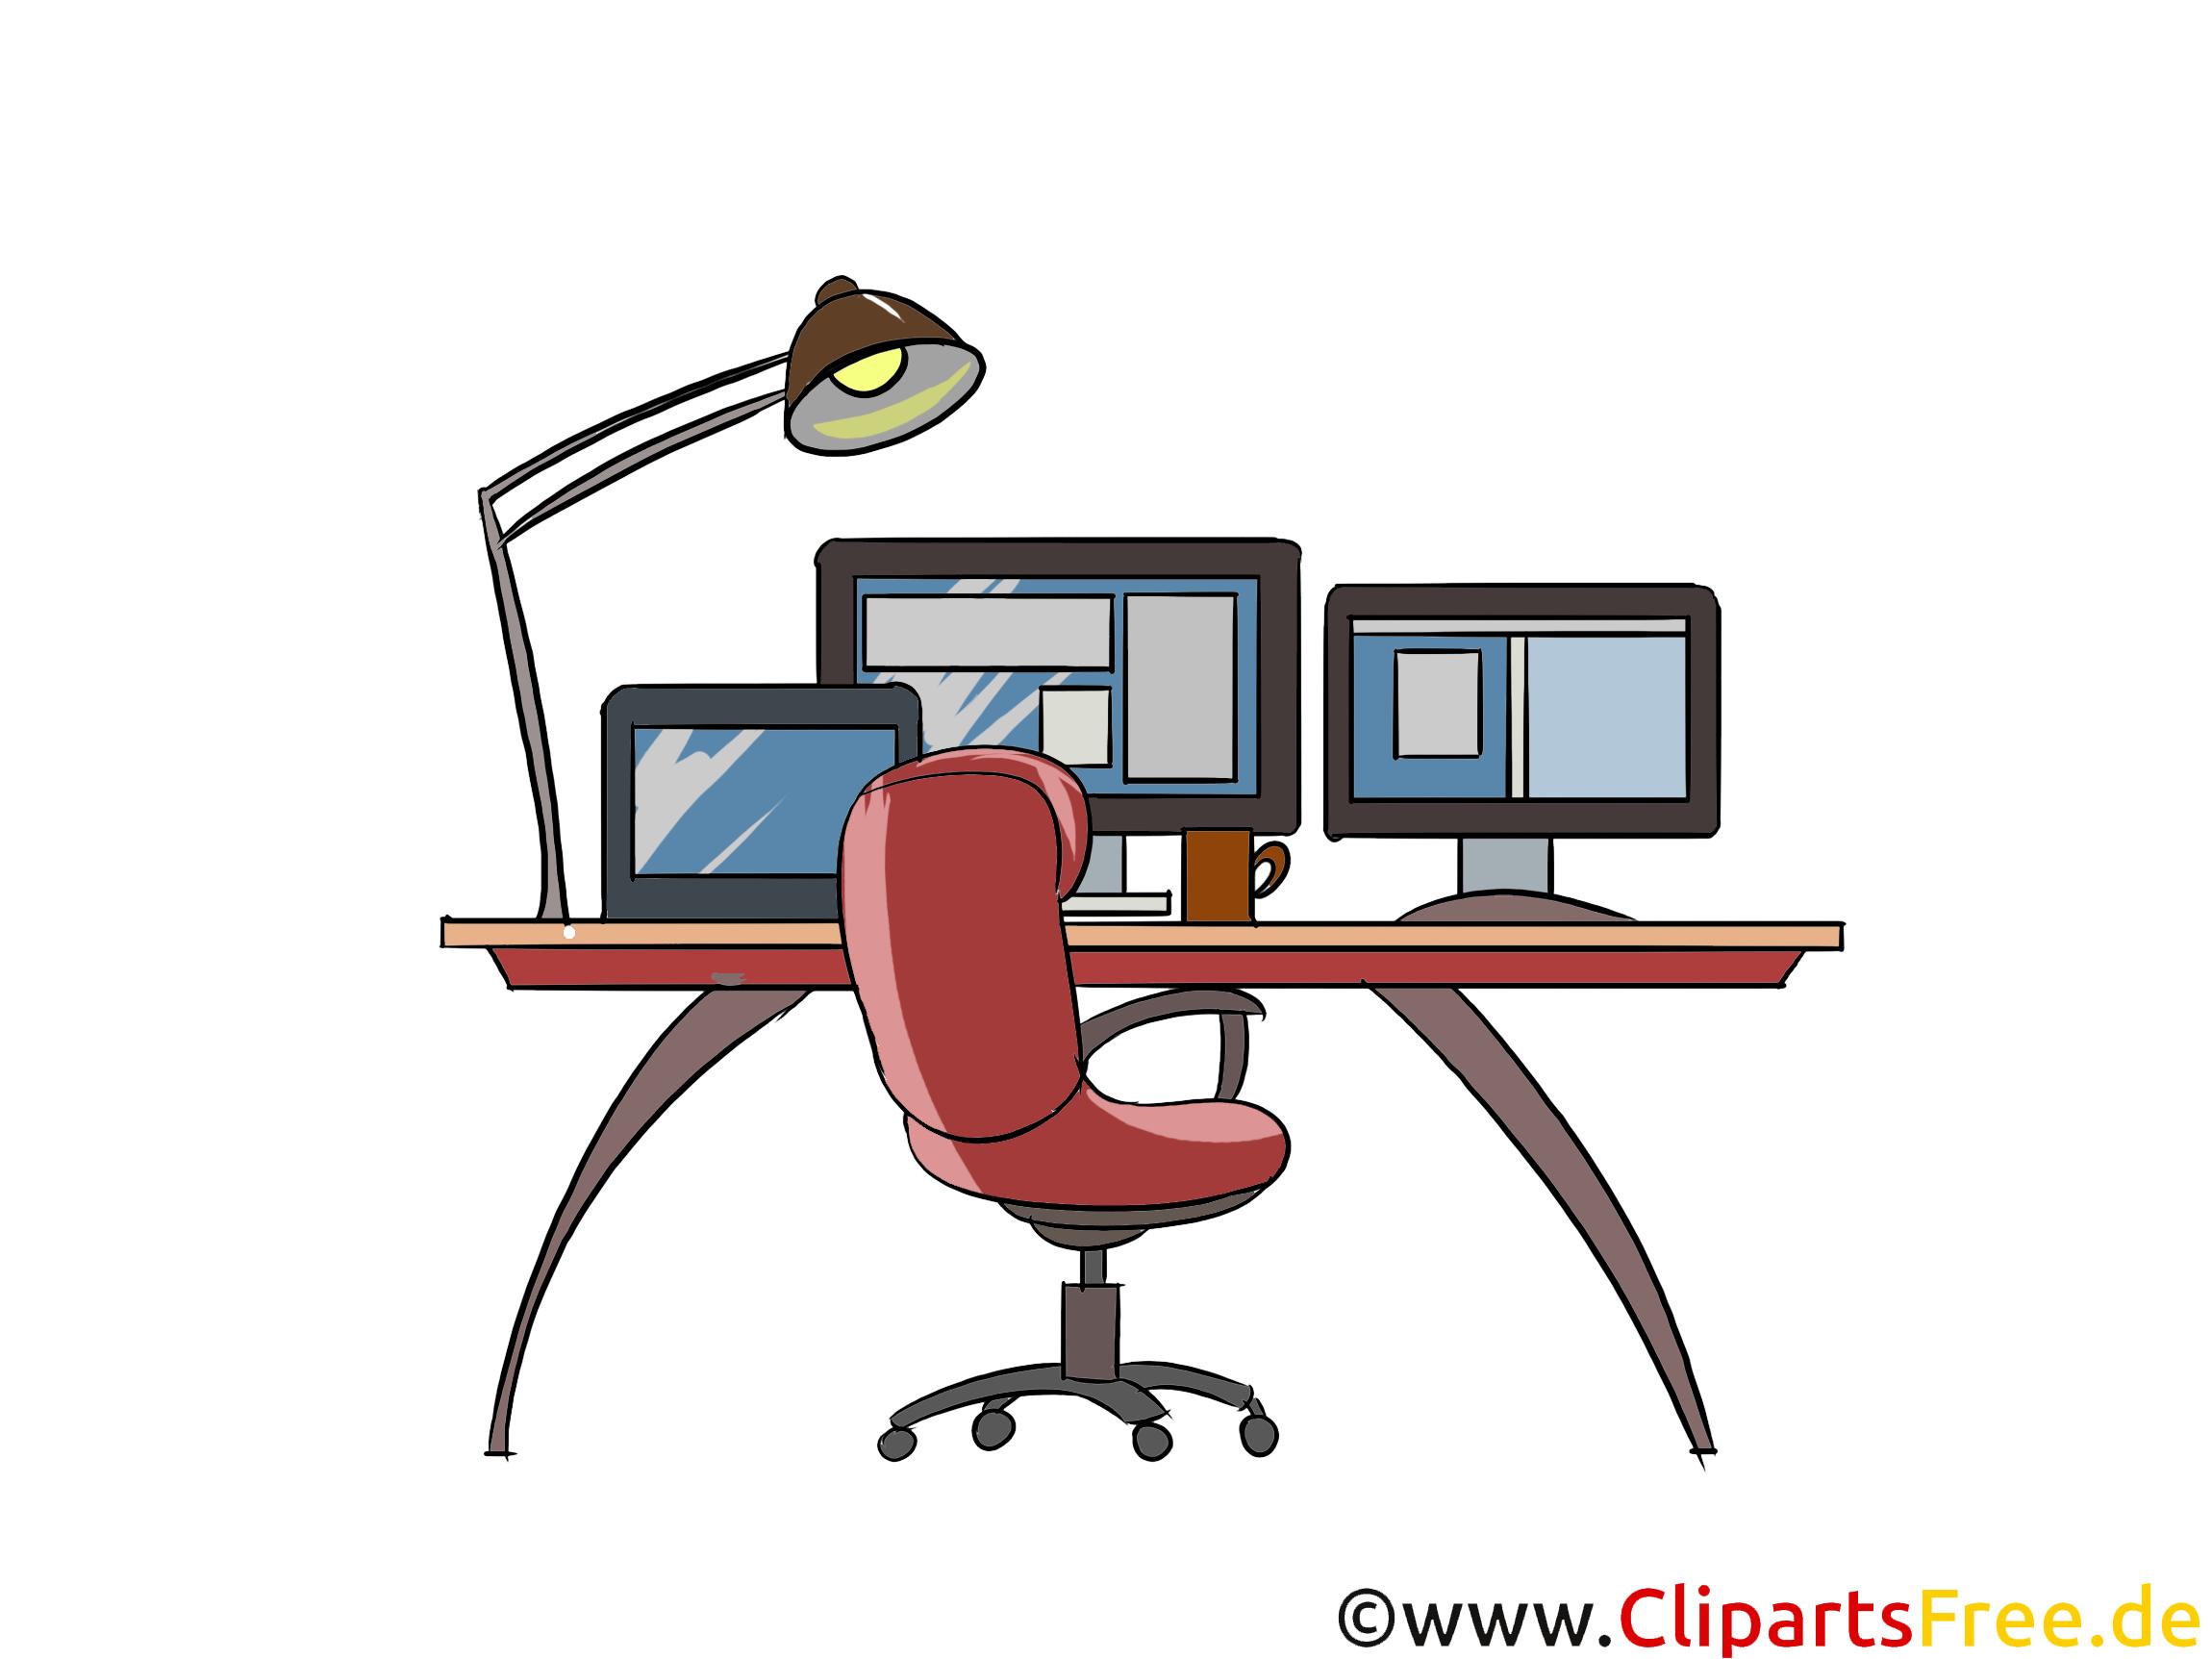 Arbeitsplatz mit vielen Bildschirmen Clipart, Bild, Illustration